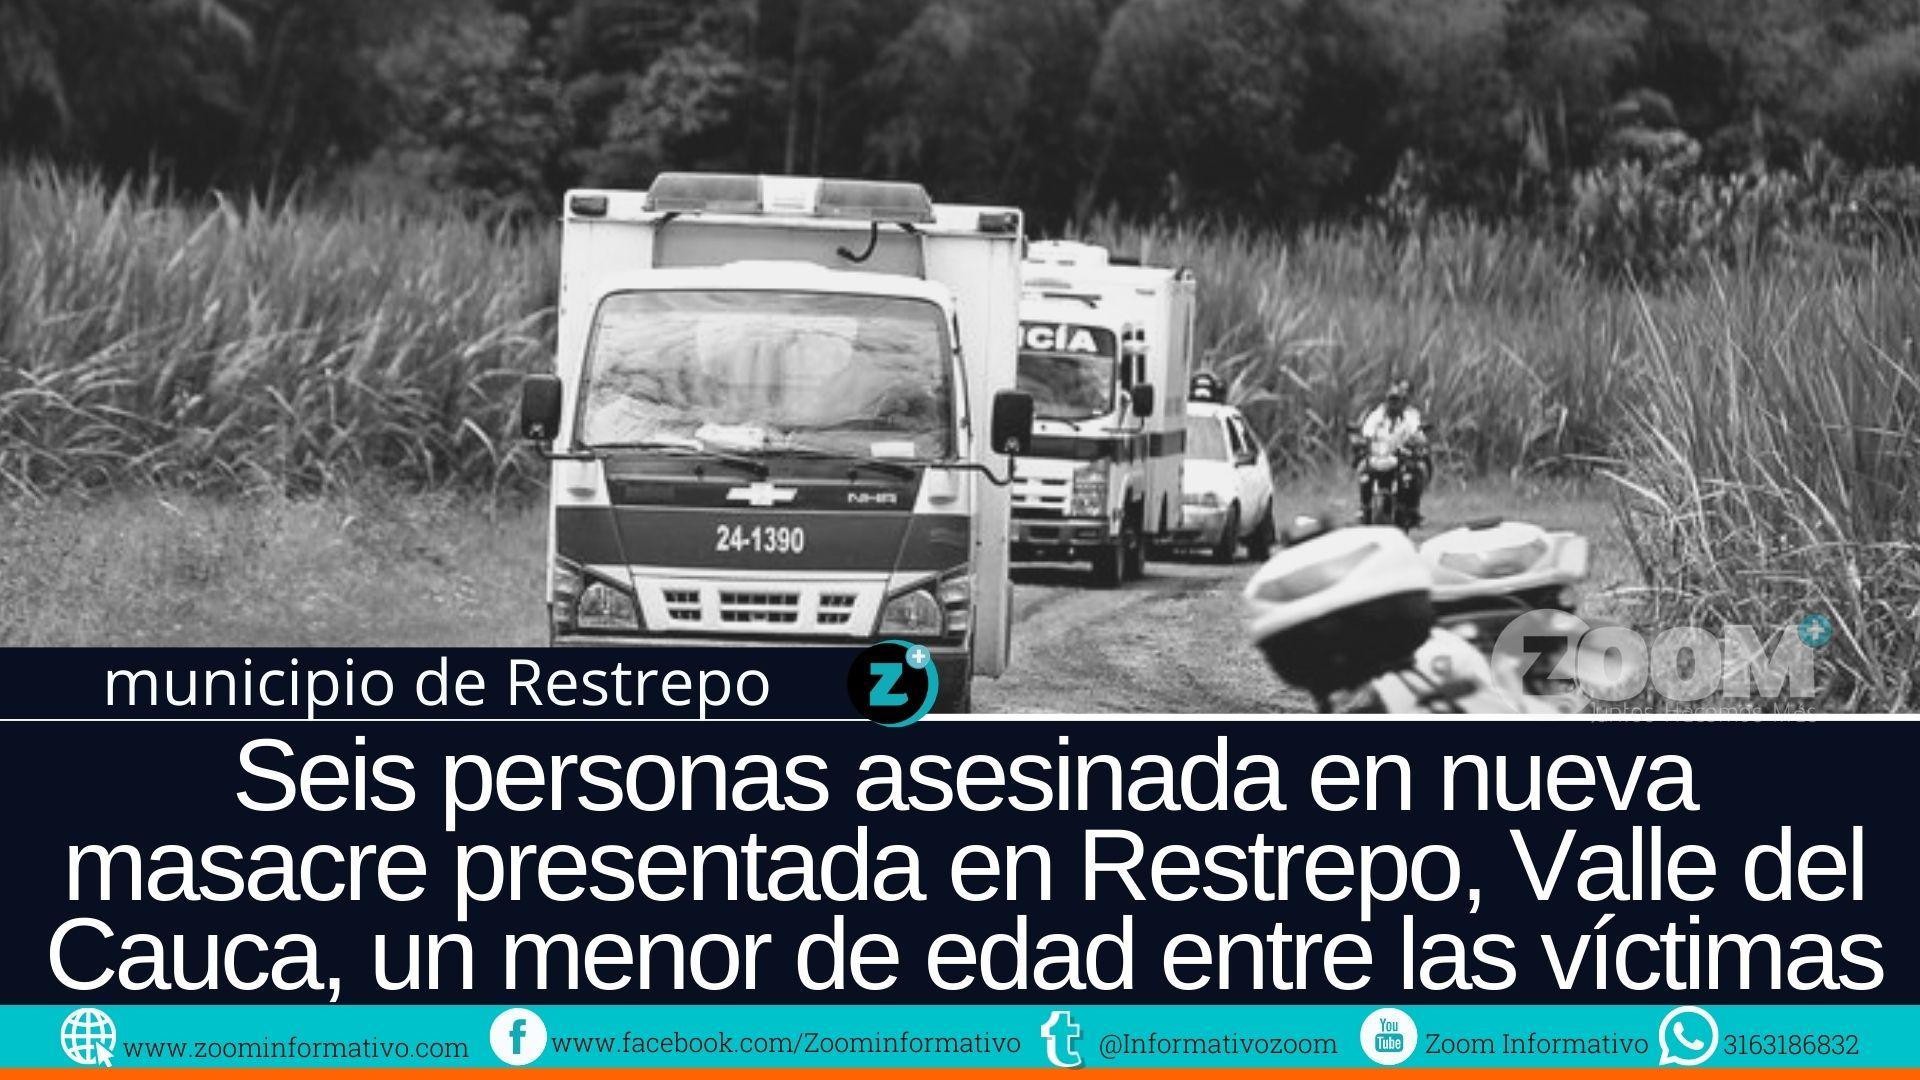 Hombre fuertemente armados masacraron 5 personas en Restrepo, Valle del Cauca